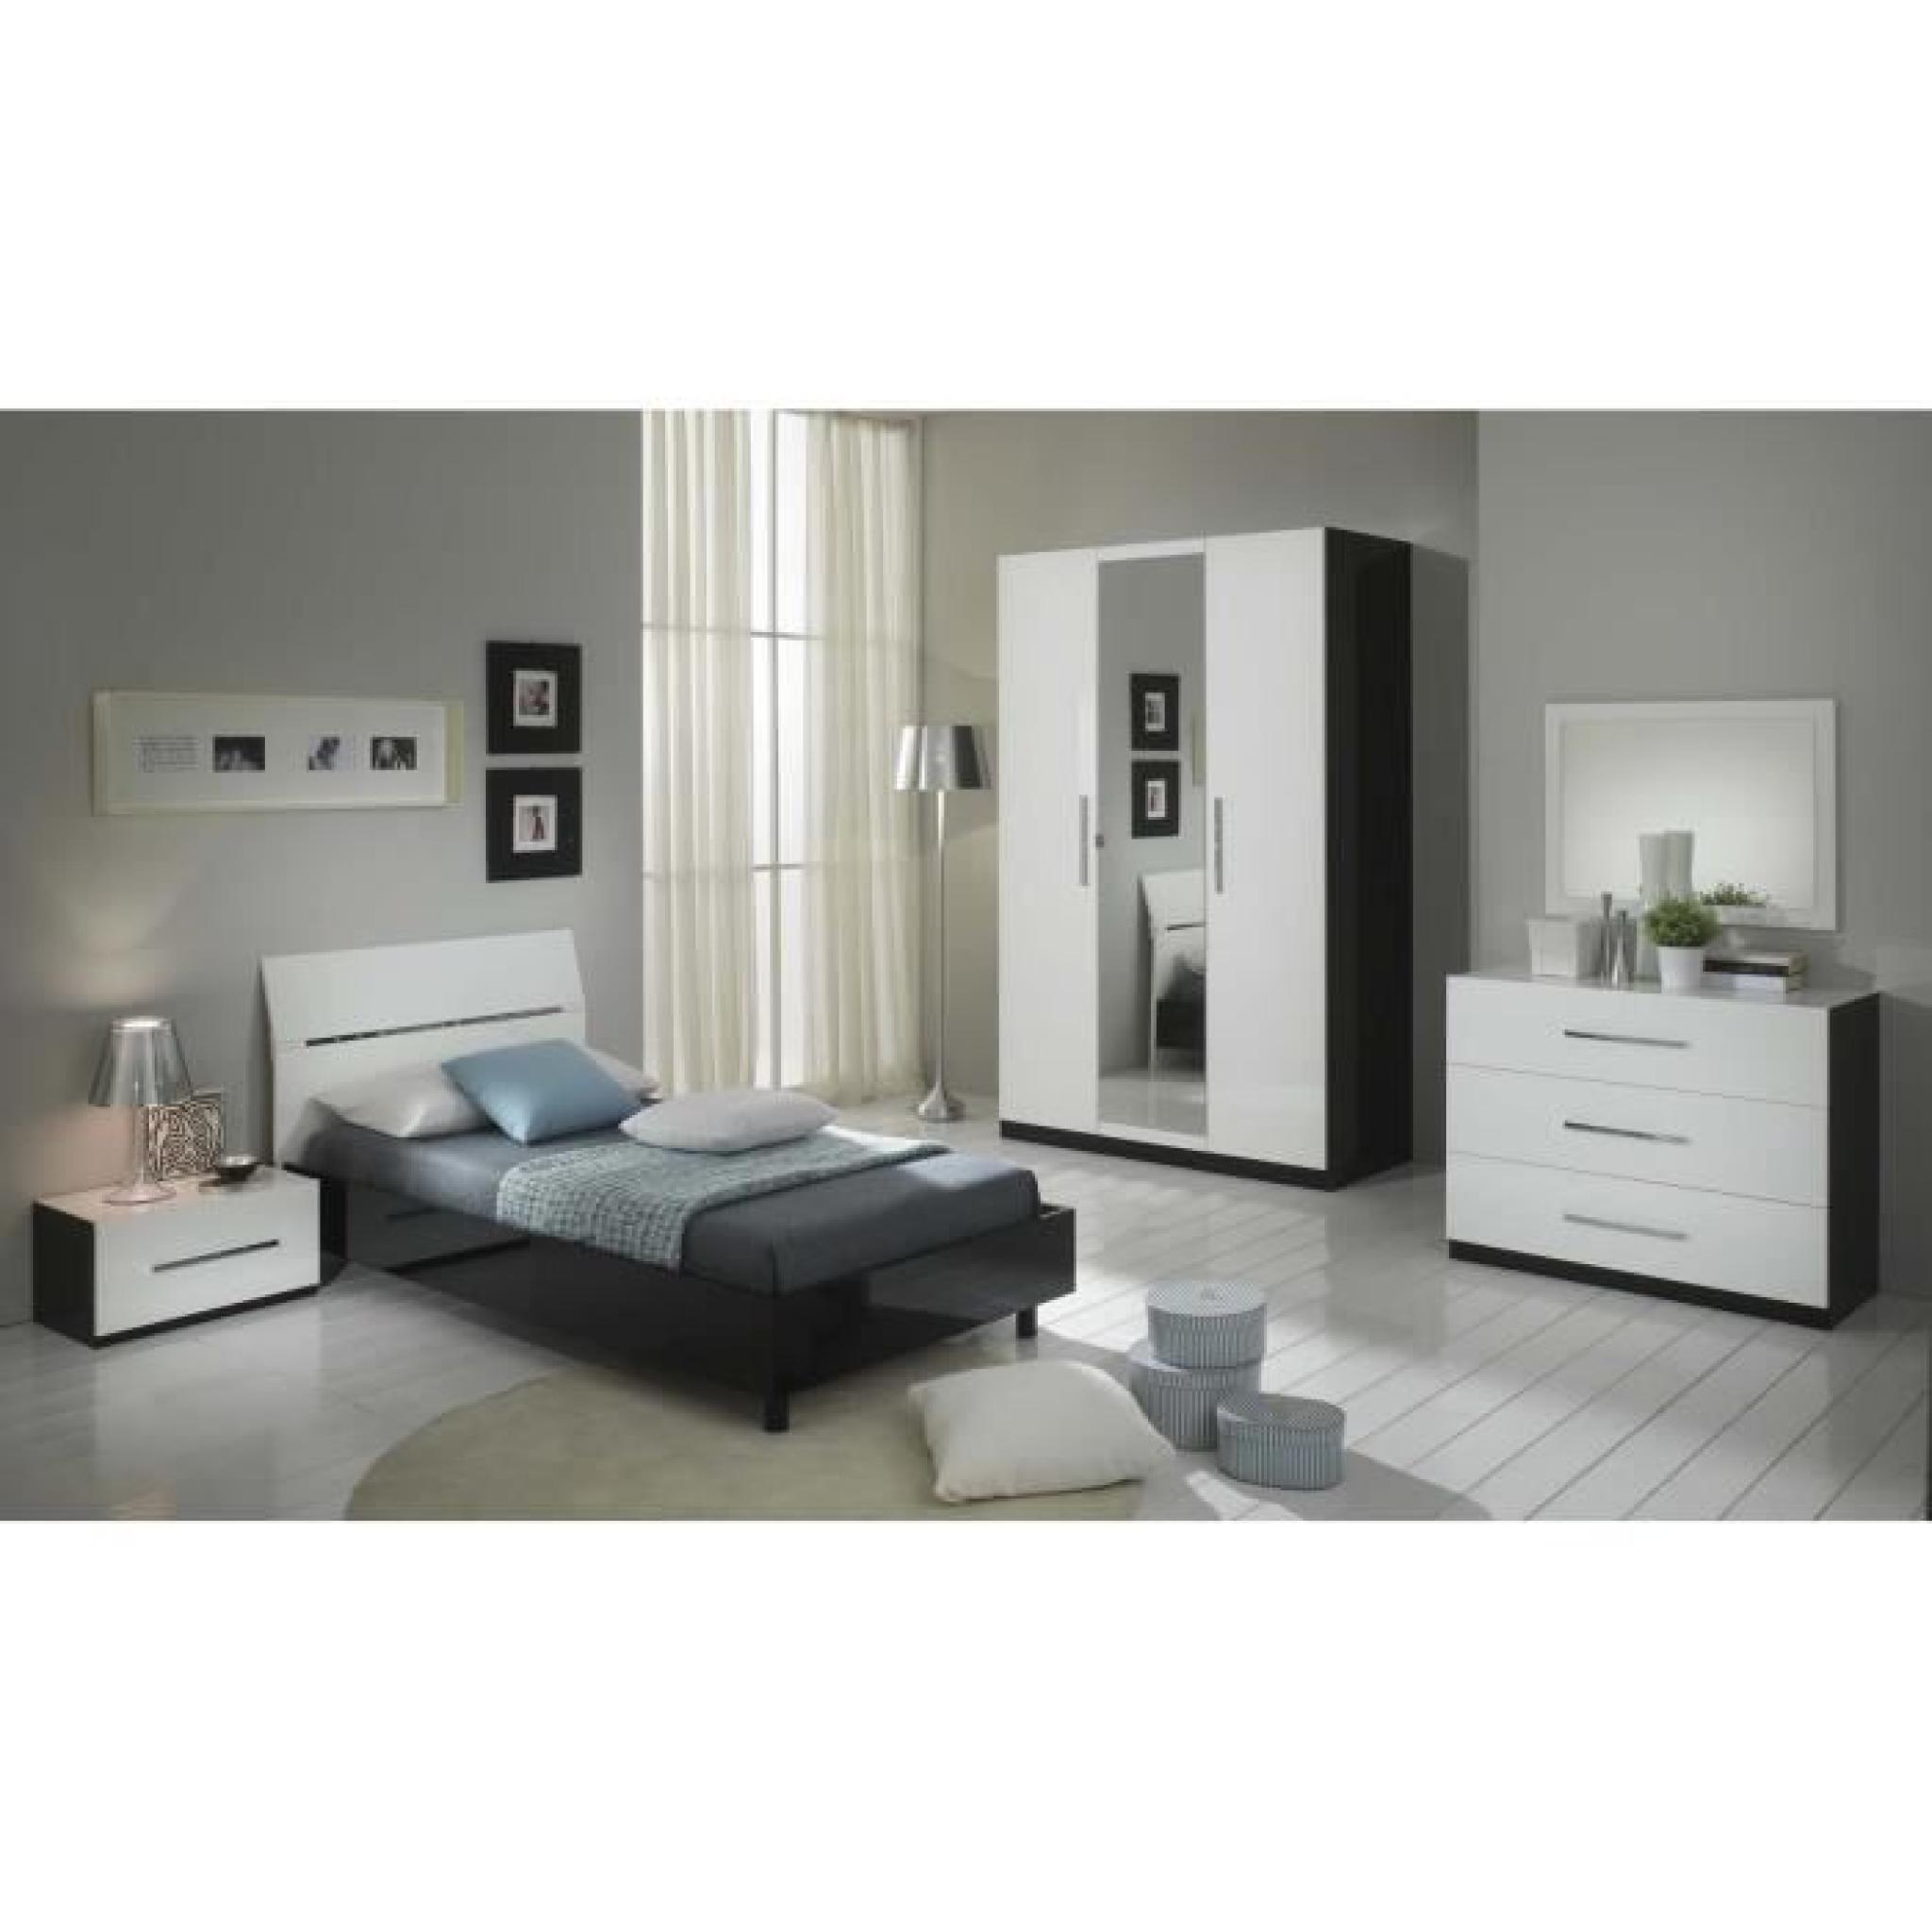 armoire 3 portes avec miroir central coloris blanc et noir. Black Bedroom Furniture Sets. Home Design Ideas